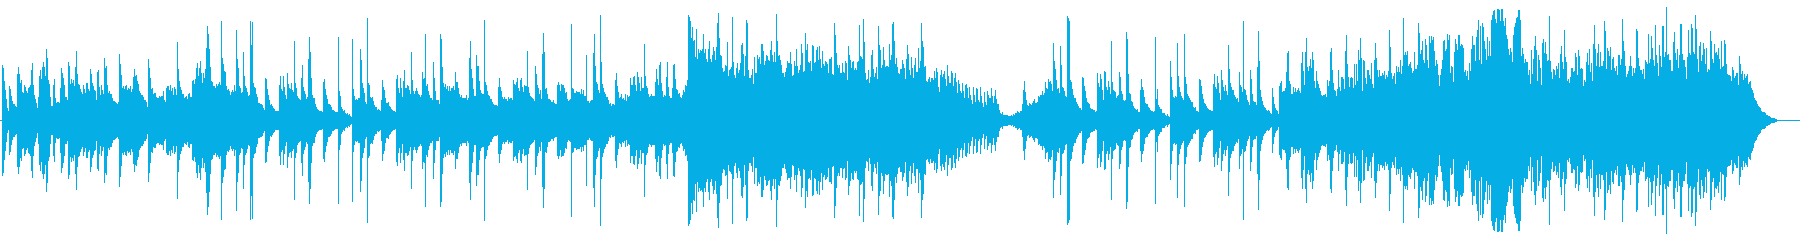 幻想的なハープとストリングスの再生済みの波形